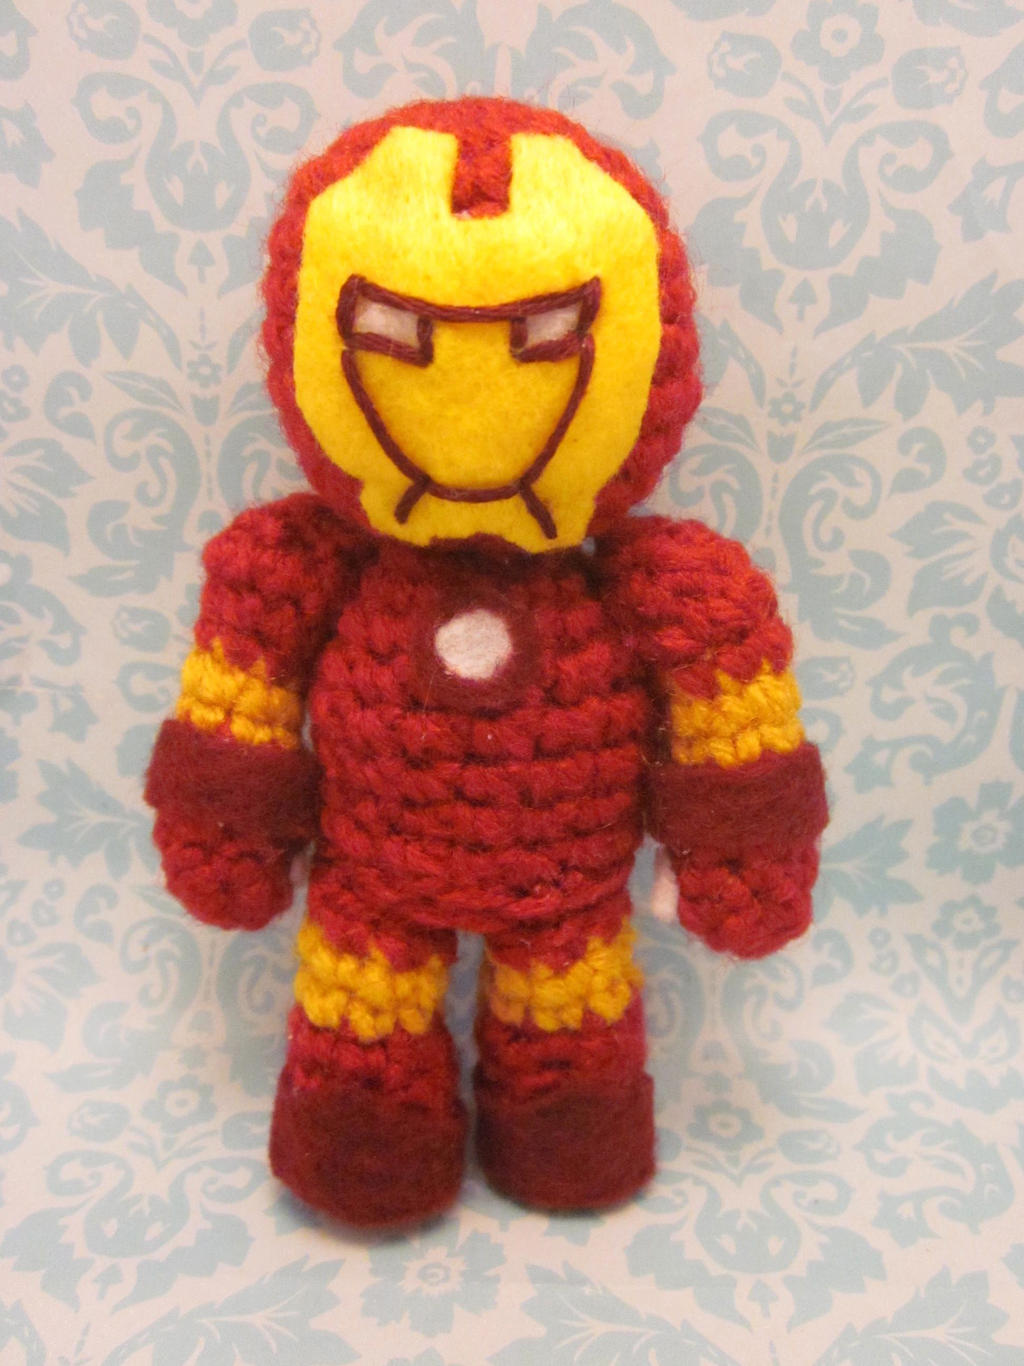 Iron Man Amigurumi Crochet Doll by Spudsstitches on DeviantArt